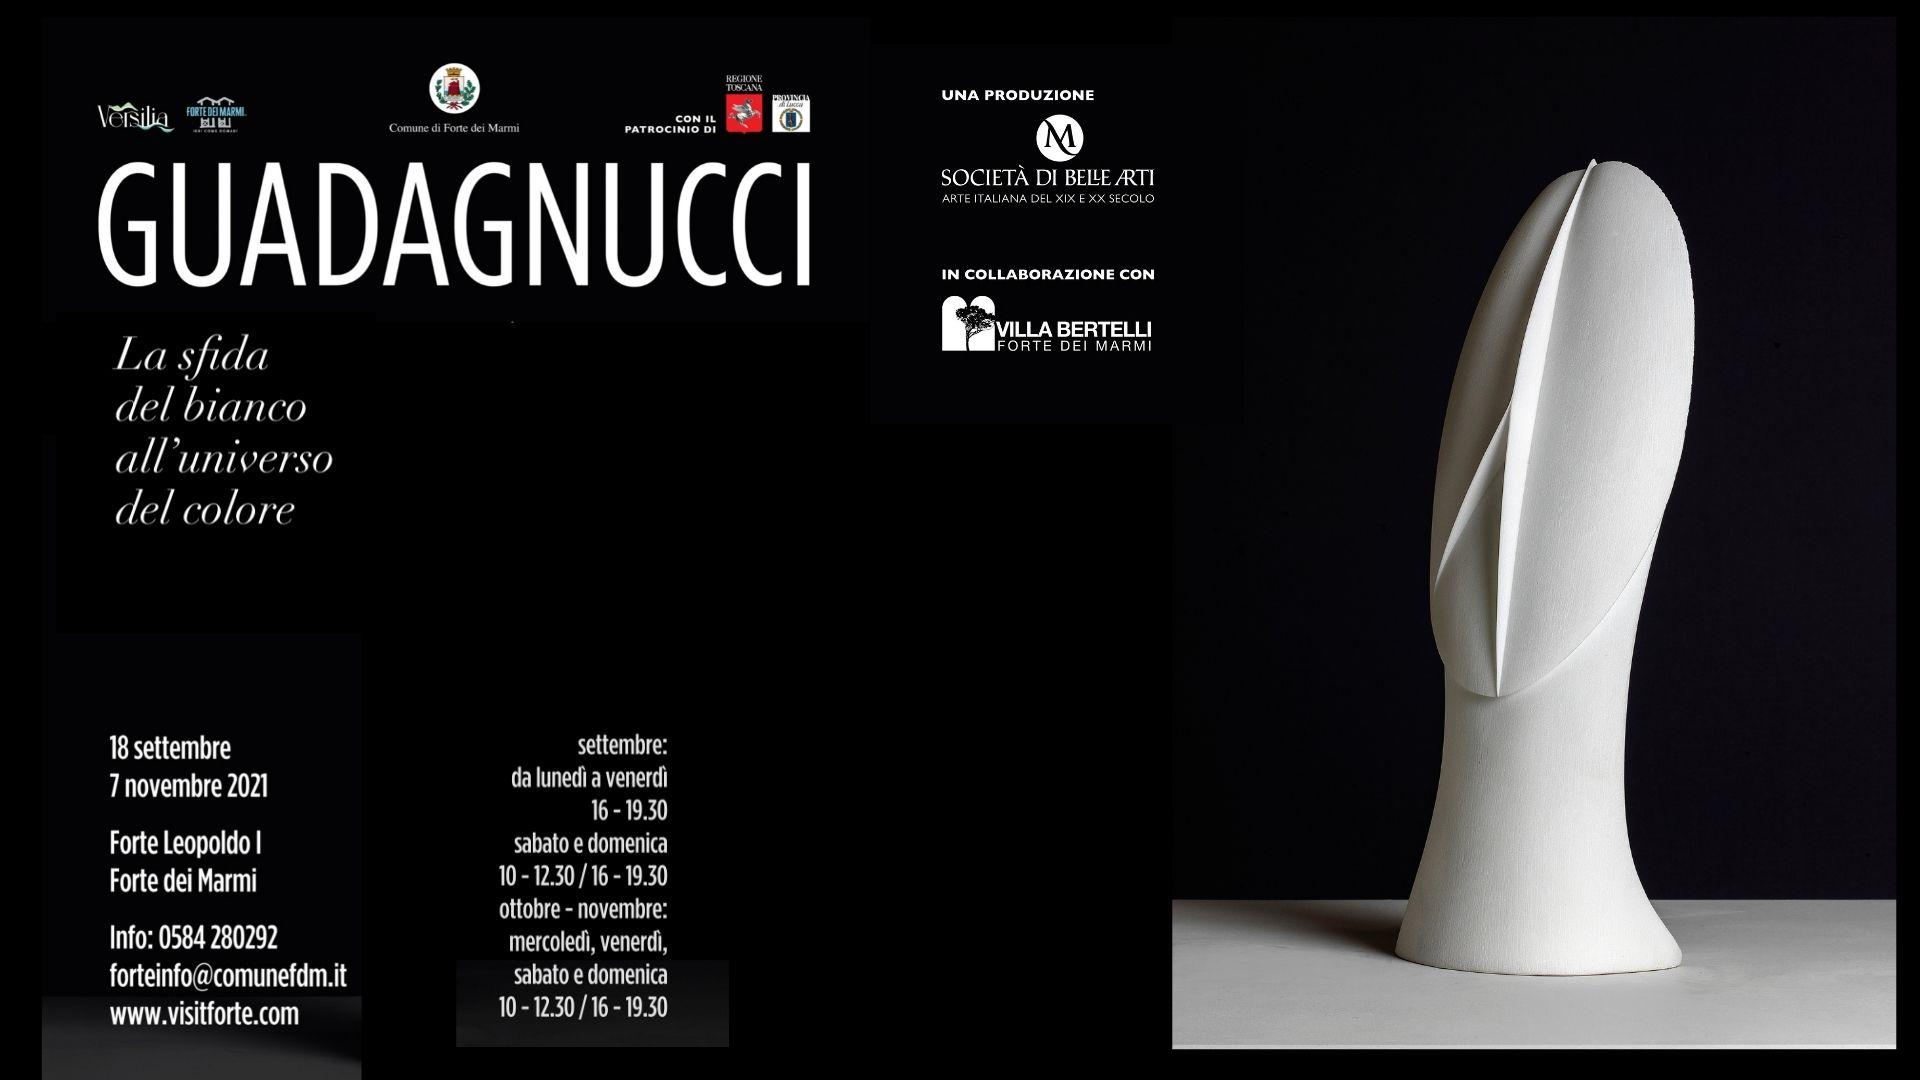 Gigi Guadagnucci sculture in vendita